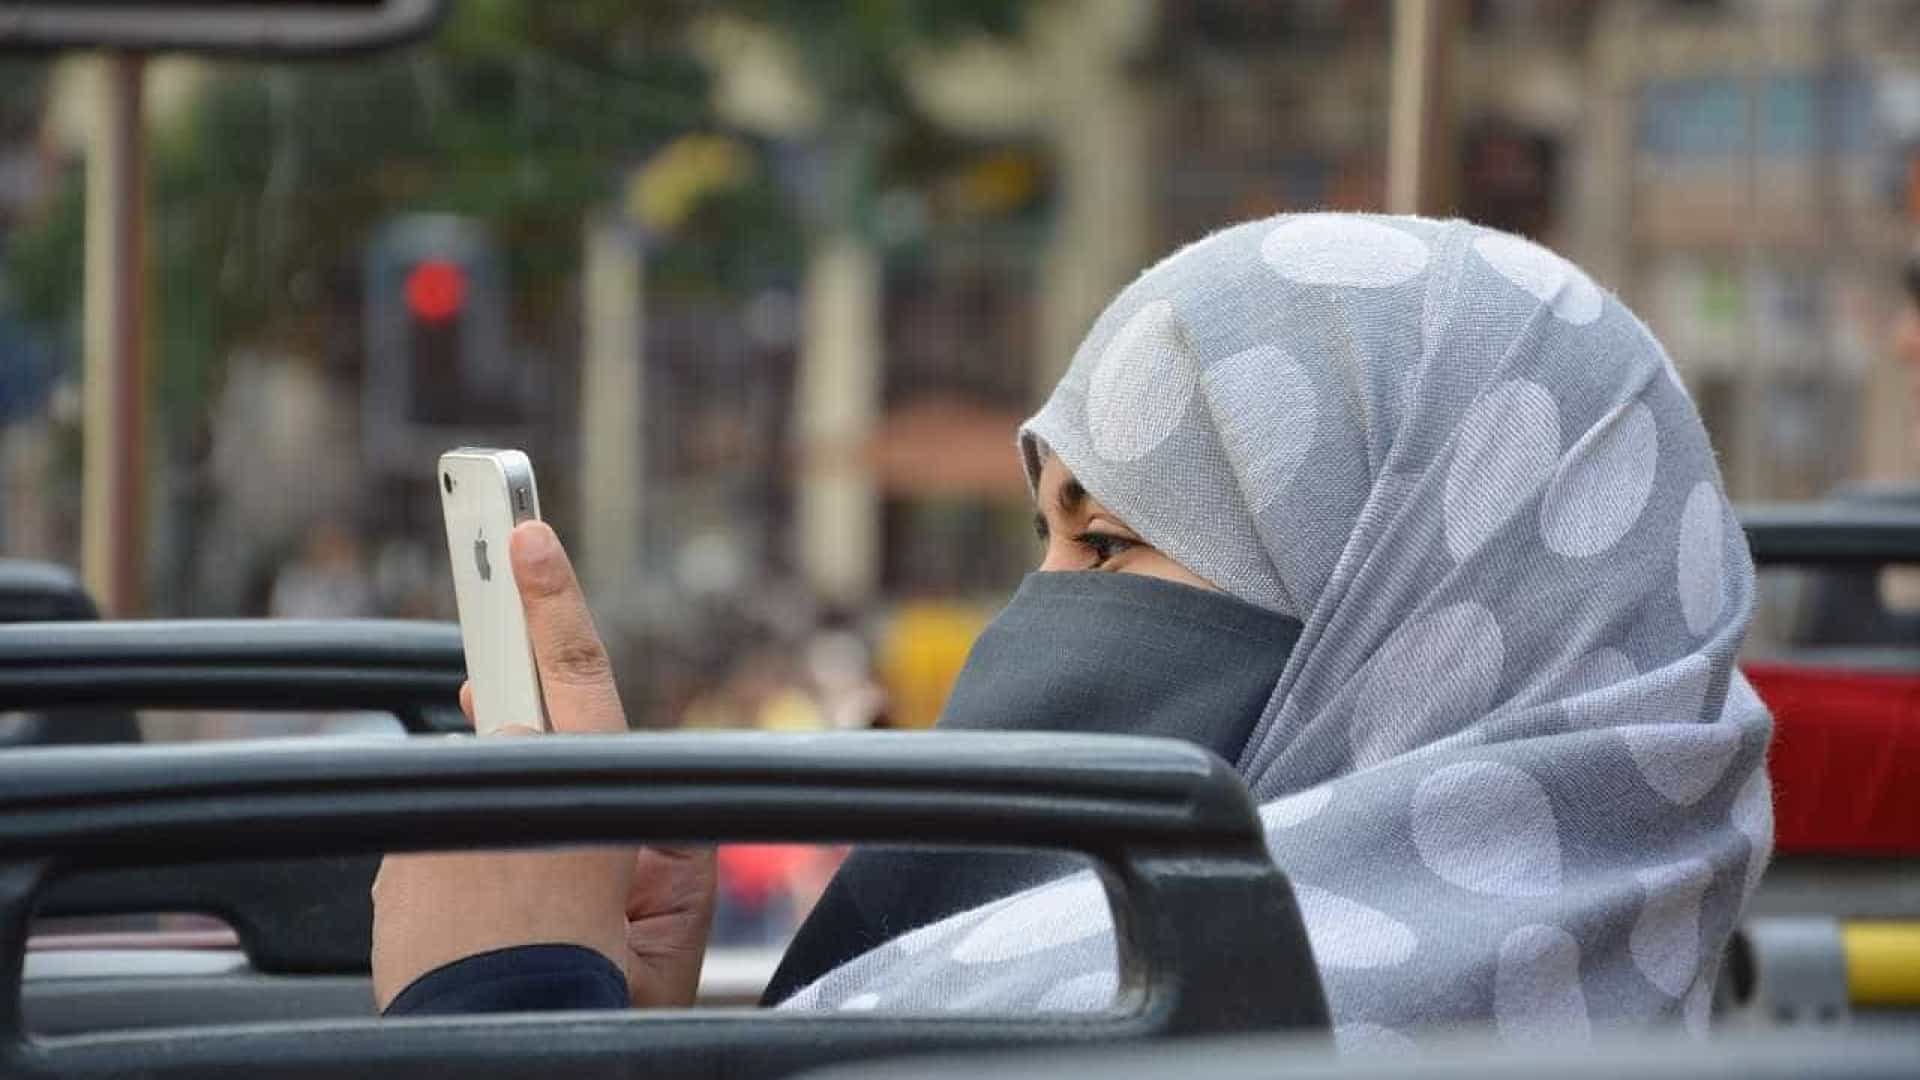 Islamofobia: Homem ataca mulher tentando retirar-lhe hijab da cabeça